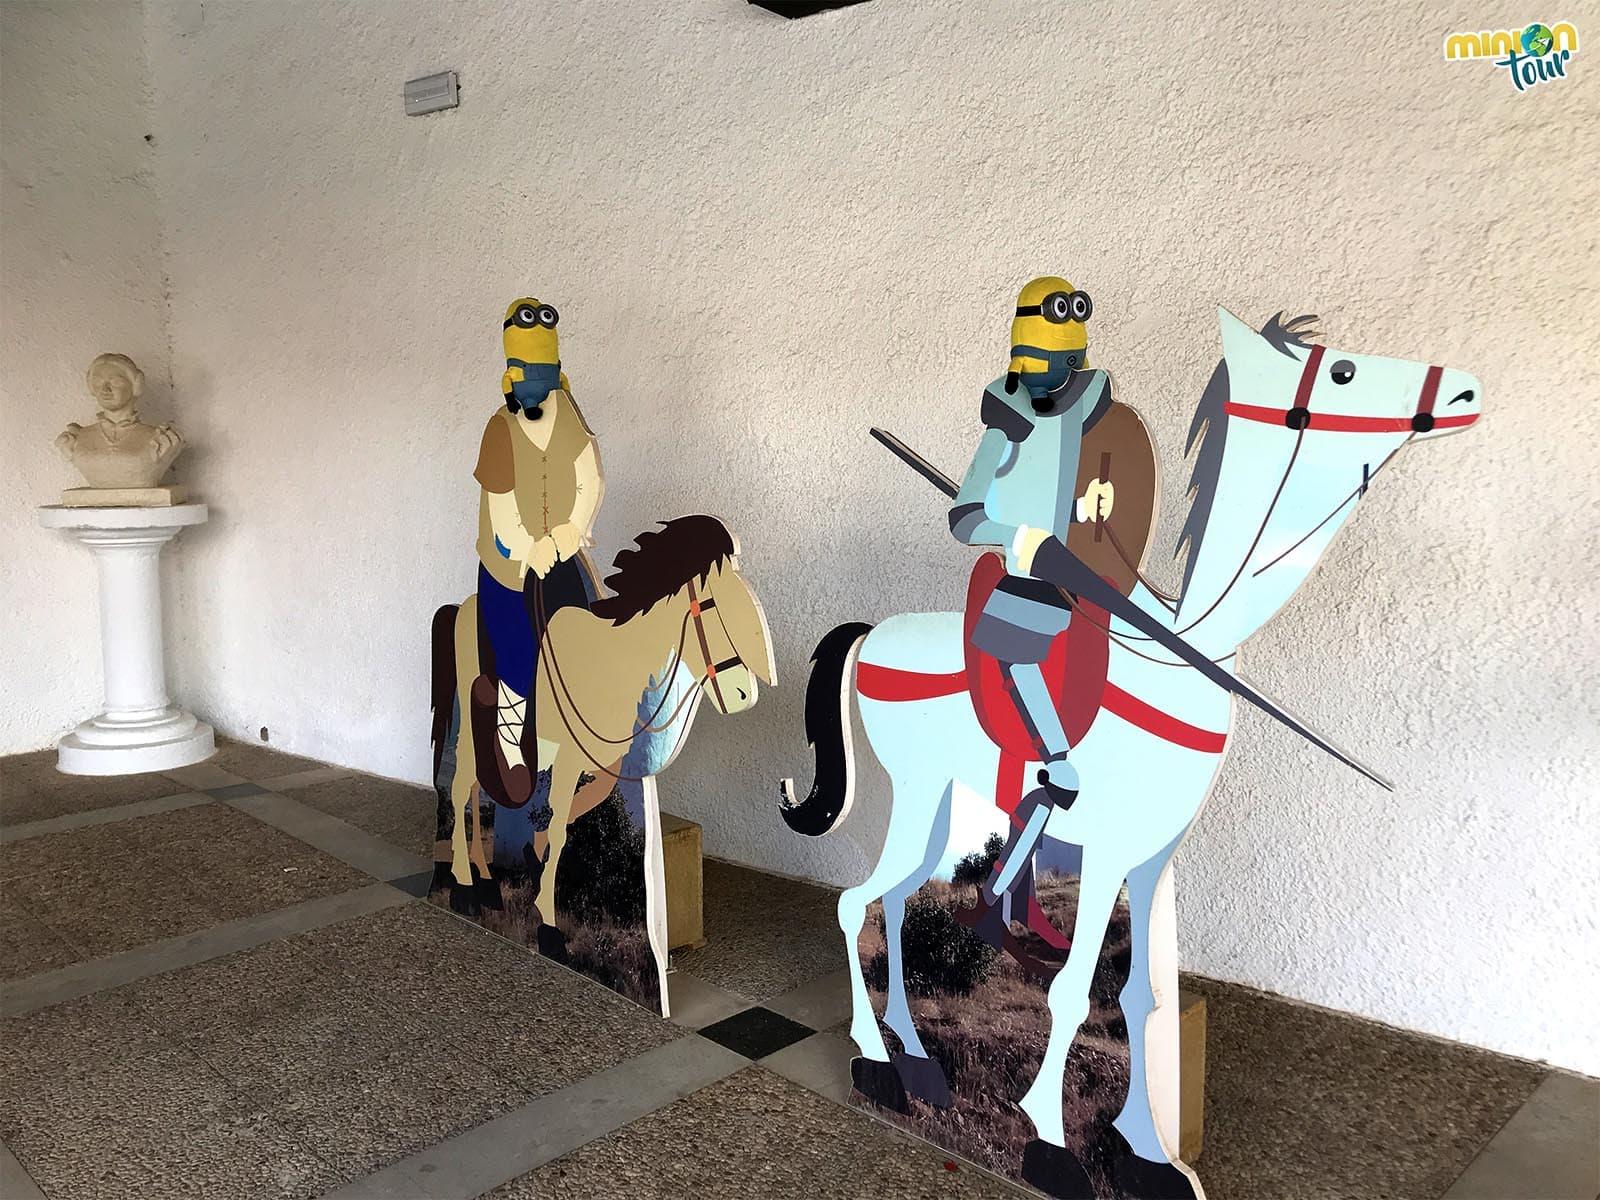 2 Minions haciendo de don Quijote y Sancho Panza